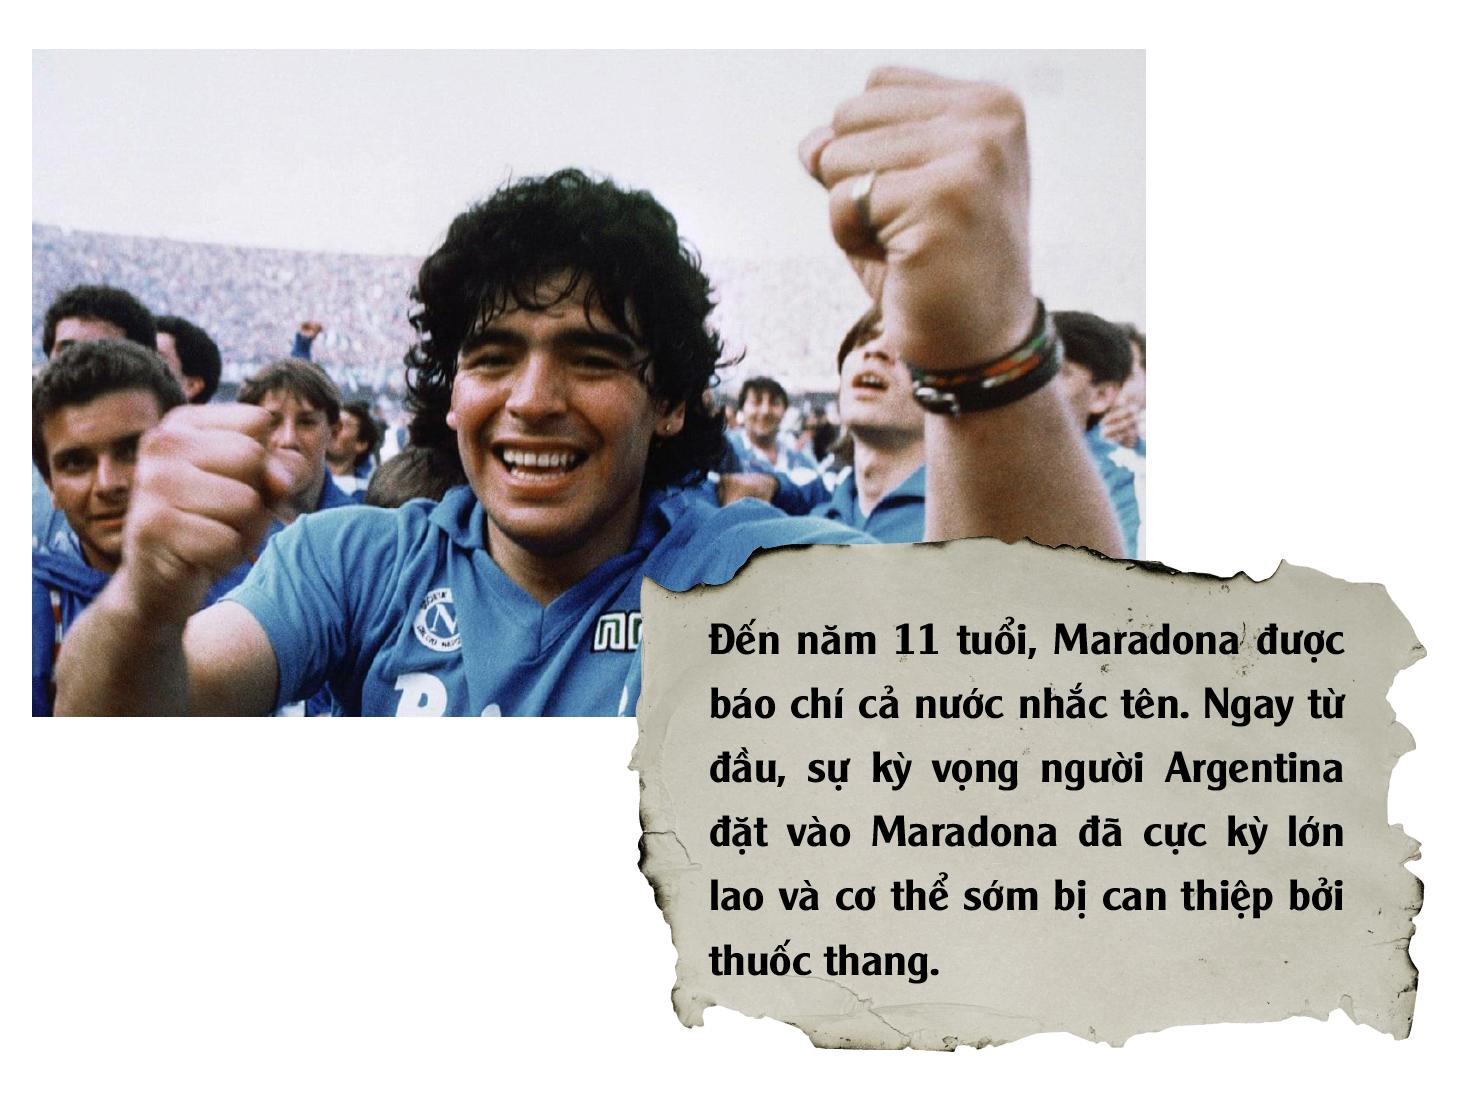 Diego Maradona: Vĩnh biệt vị lãnh tụ thiên tài ứng nghiệm từ lời tiên tri - Ảnh 9.